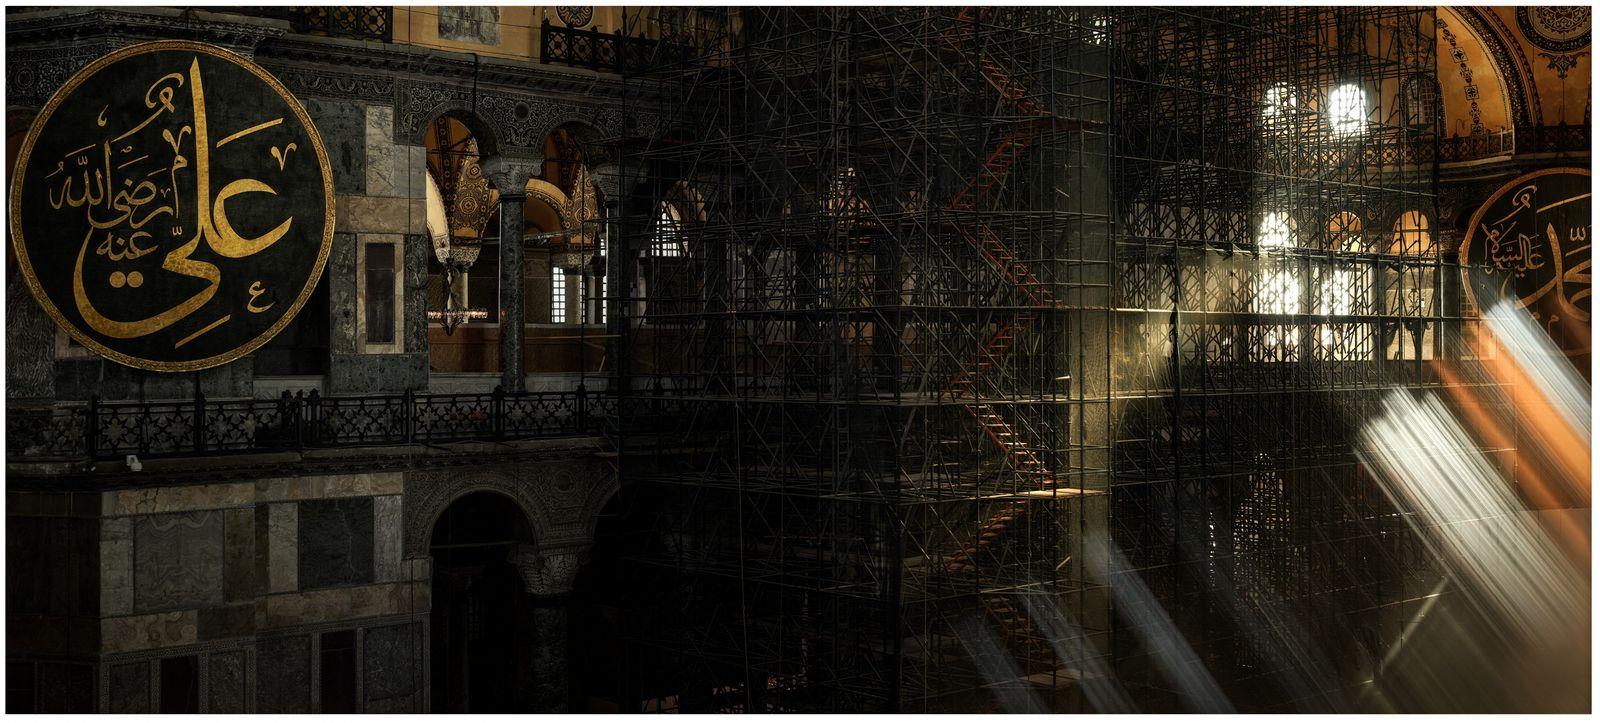 Istanbul, Turquie, 2019 - Sainte-Sophie est certainement le monument le plus connu d'Istanbul. Cette ancienne basilique, ...